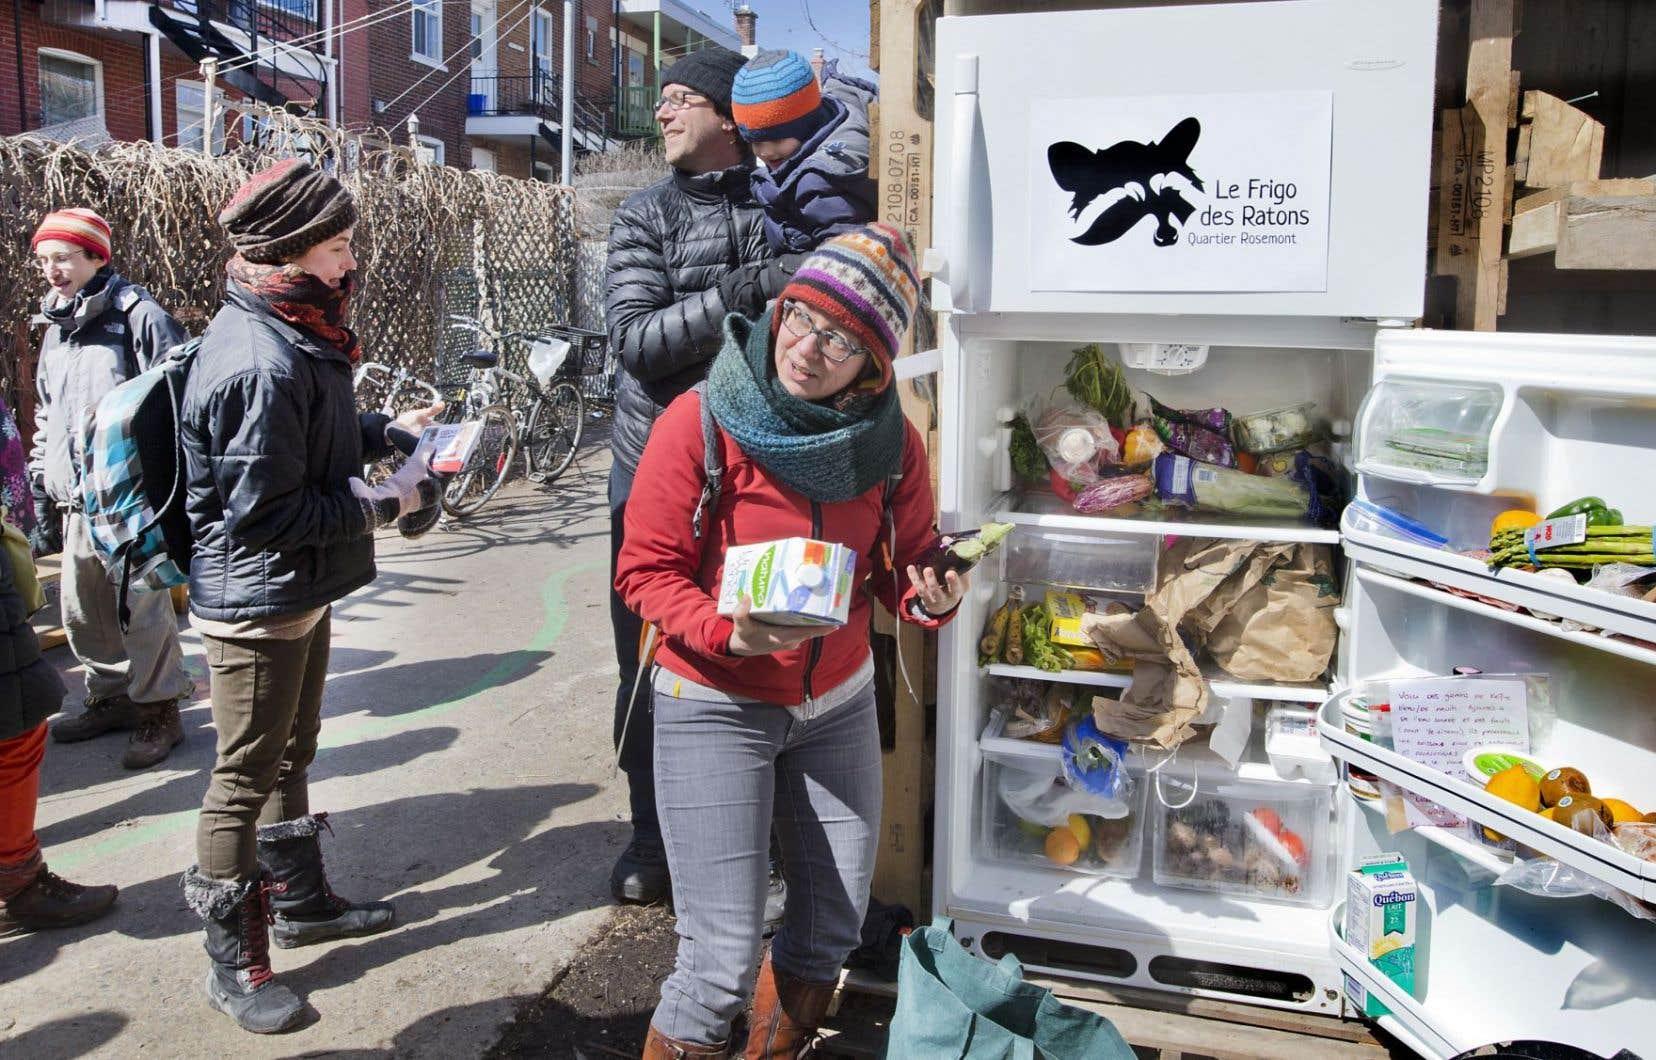 Inauguré dimanche dernier, Le Frigo des Ratons, dans Rosemont à Montréal, est un lieu d'échange où donner et prendre des aliments périssables (ou non). Une initiative citoyenne antigaspillage motivée par une conscientisation du consommateur de plus en plus consterné devant les prix… et le gaspillage.